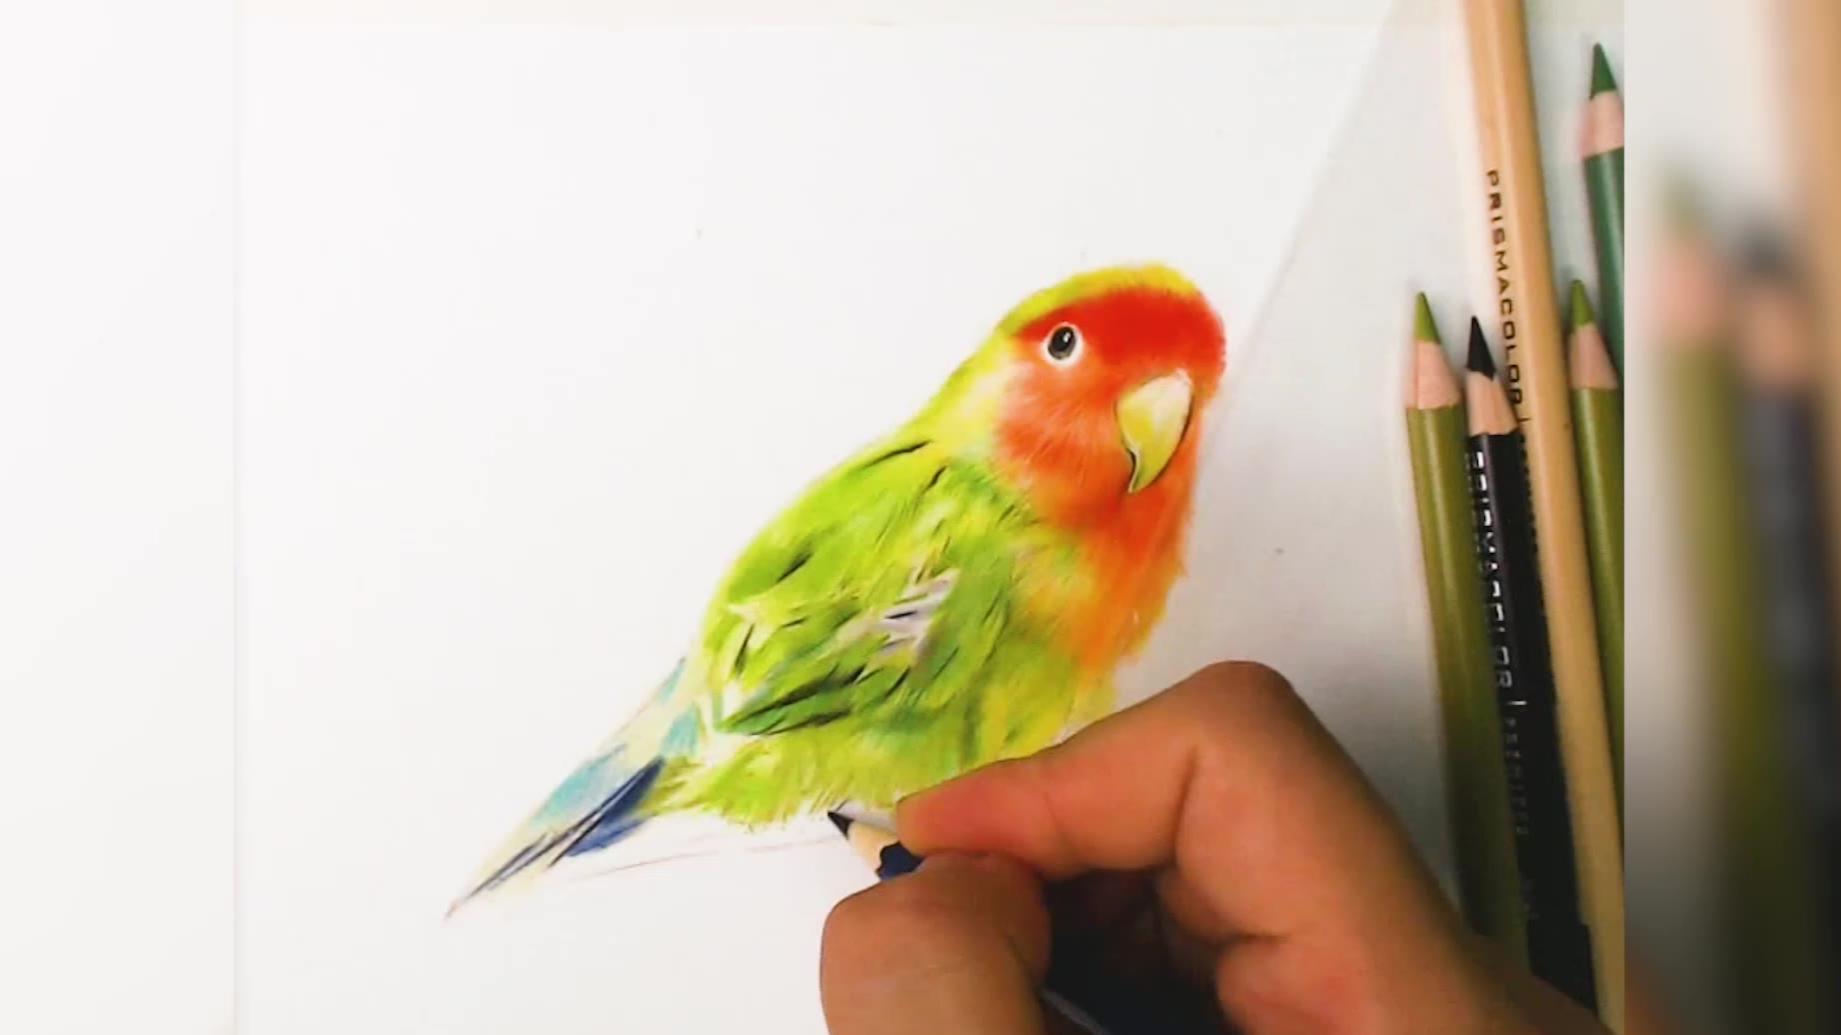 一大早被鸟叫声吵醒,画只鹦鹉有人喜欢吗,素描视频彩铅怎么画,美术艺考,素描彩铅手绘视频,素描怎么画